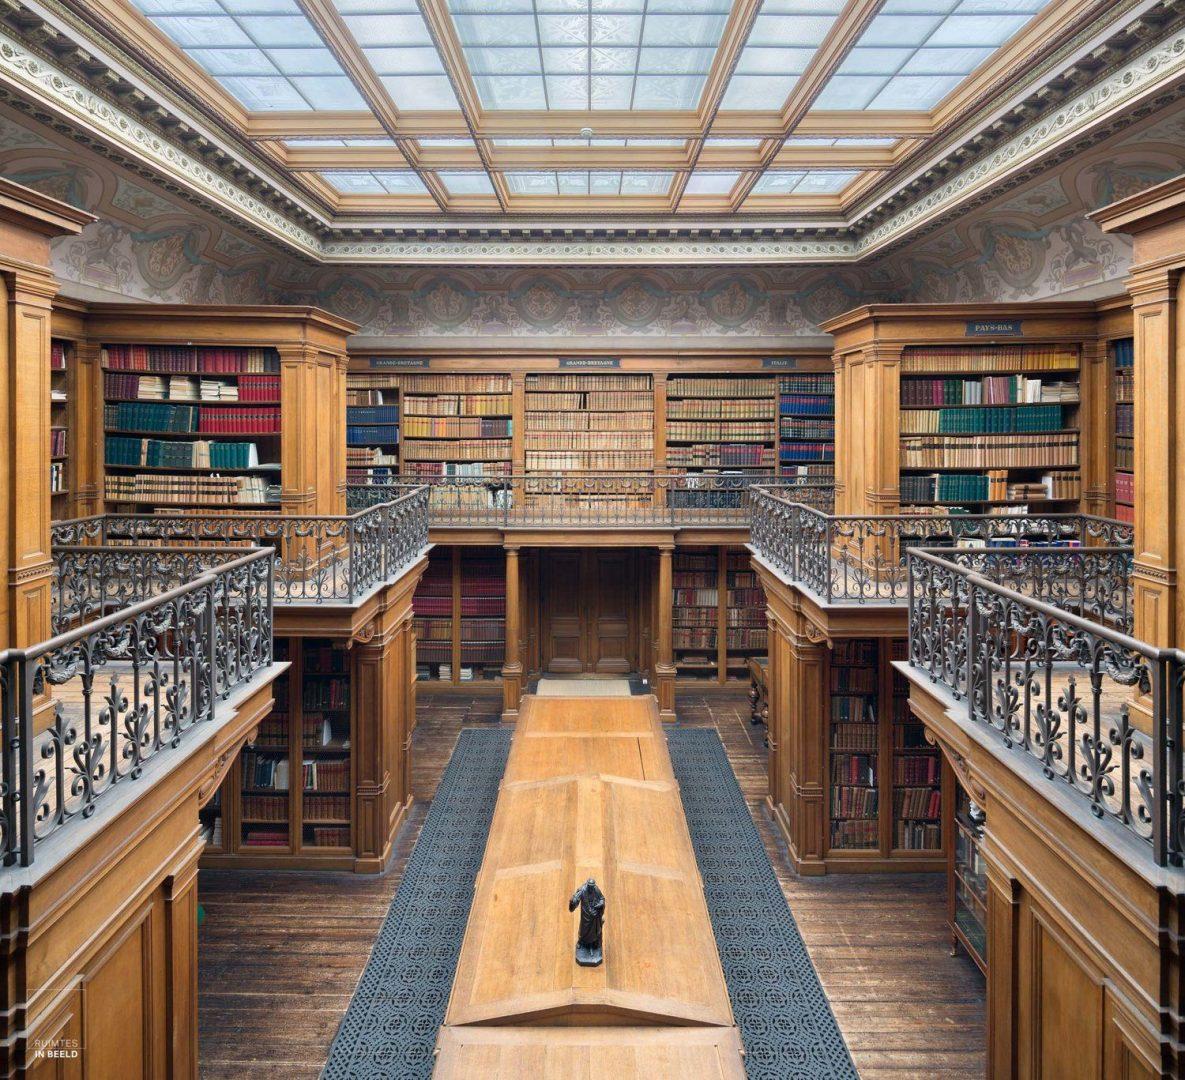 Teylers Museum, Haarlem, Netherlands